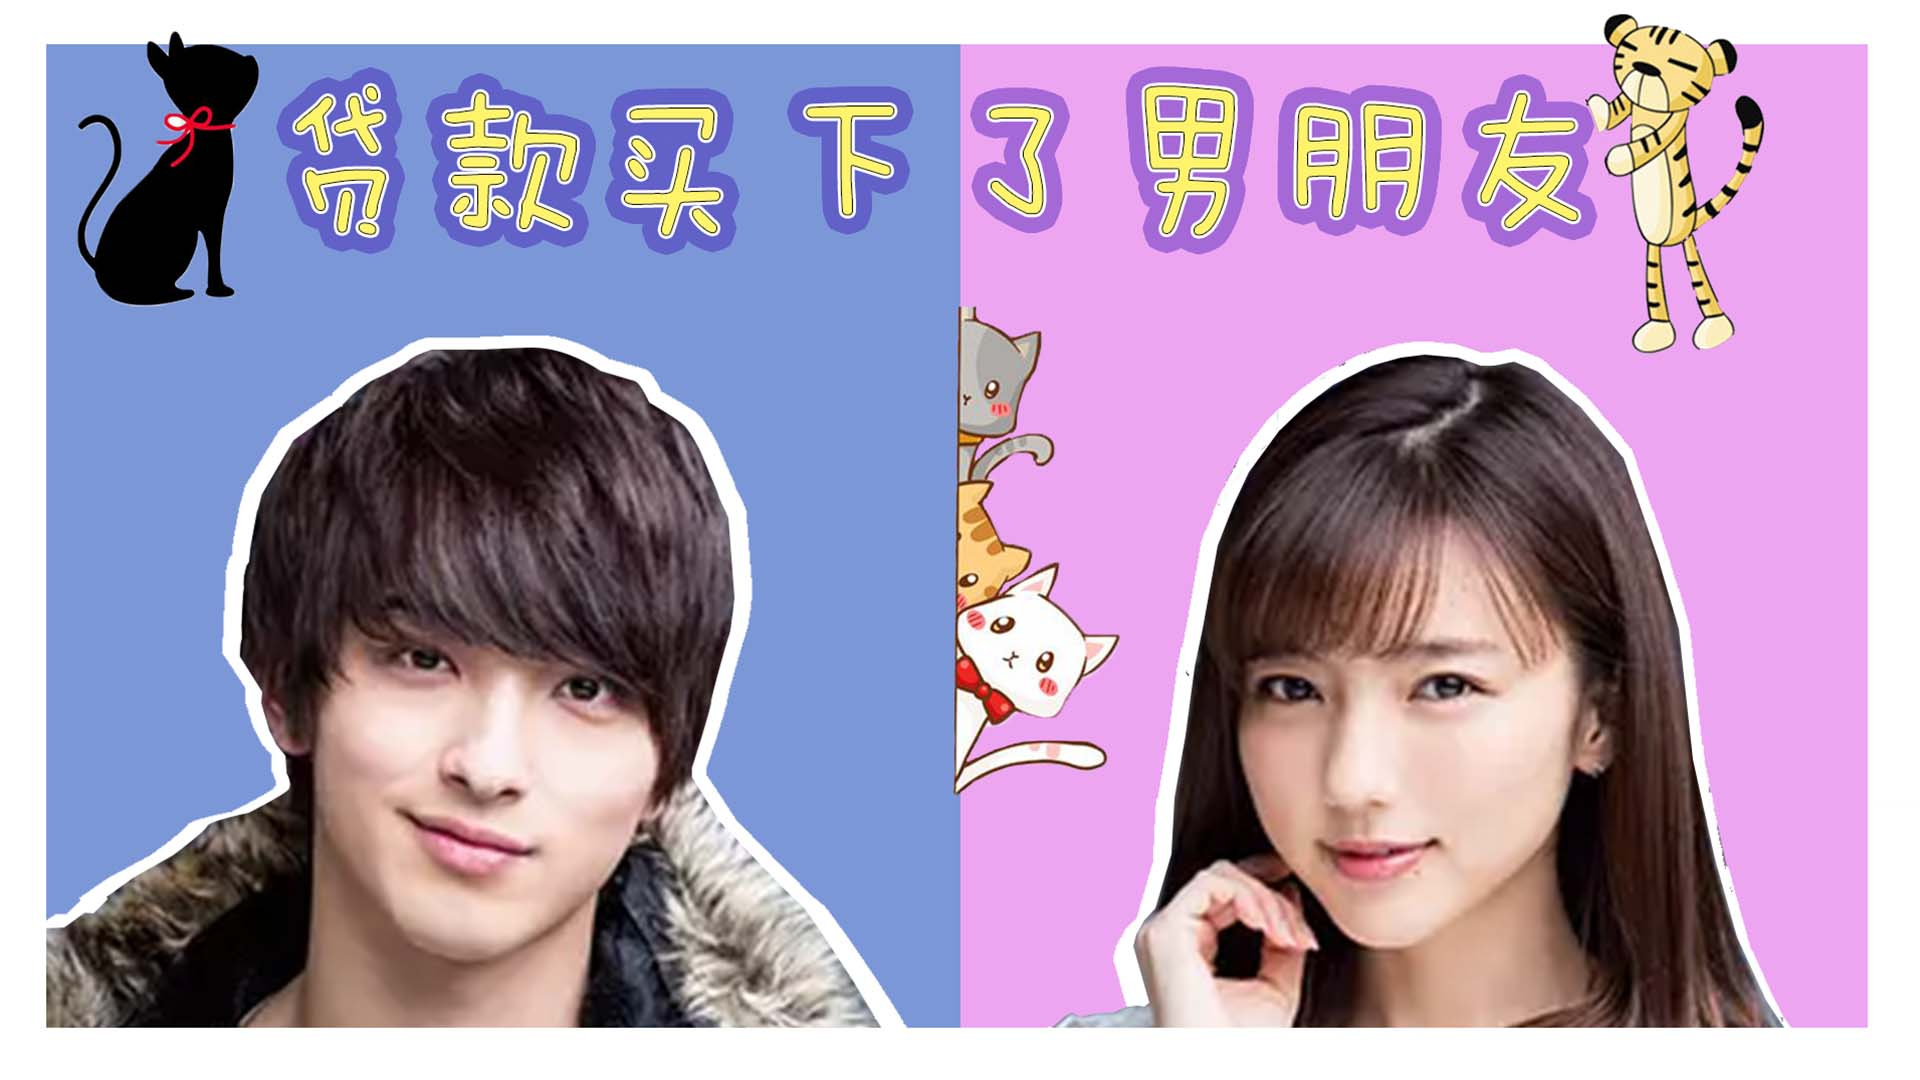 #我的少女心#日剧《贷款买下了男朋友》:好羞耻的剧情啊,但是莫名还有点爽。